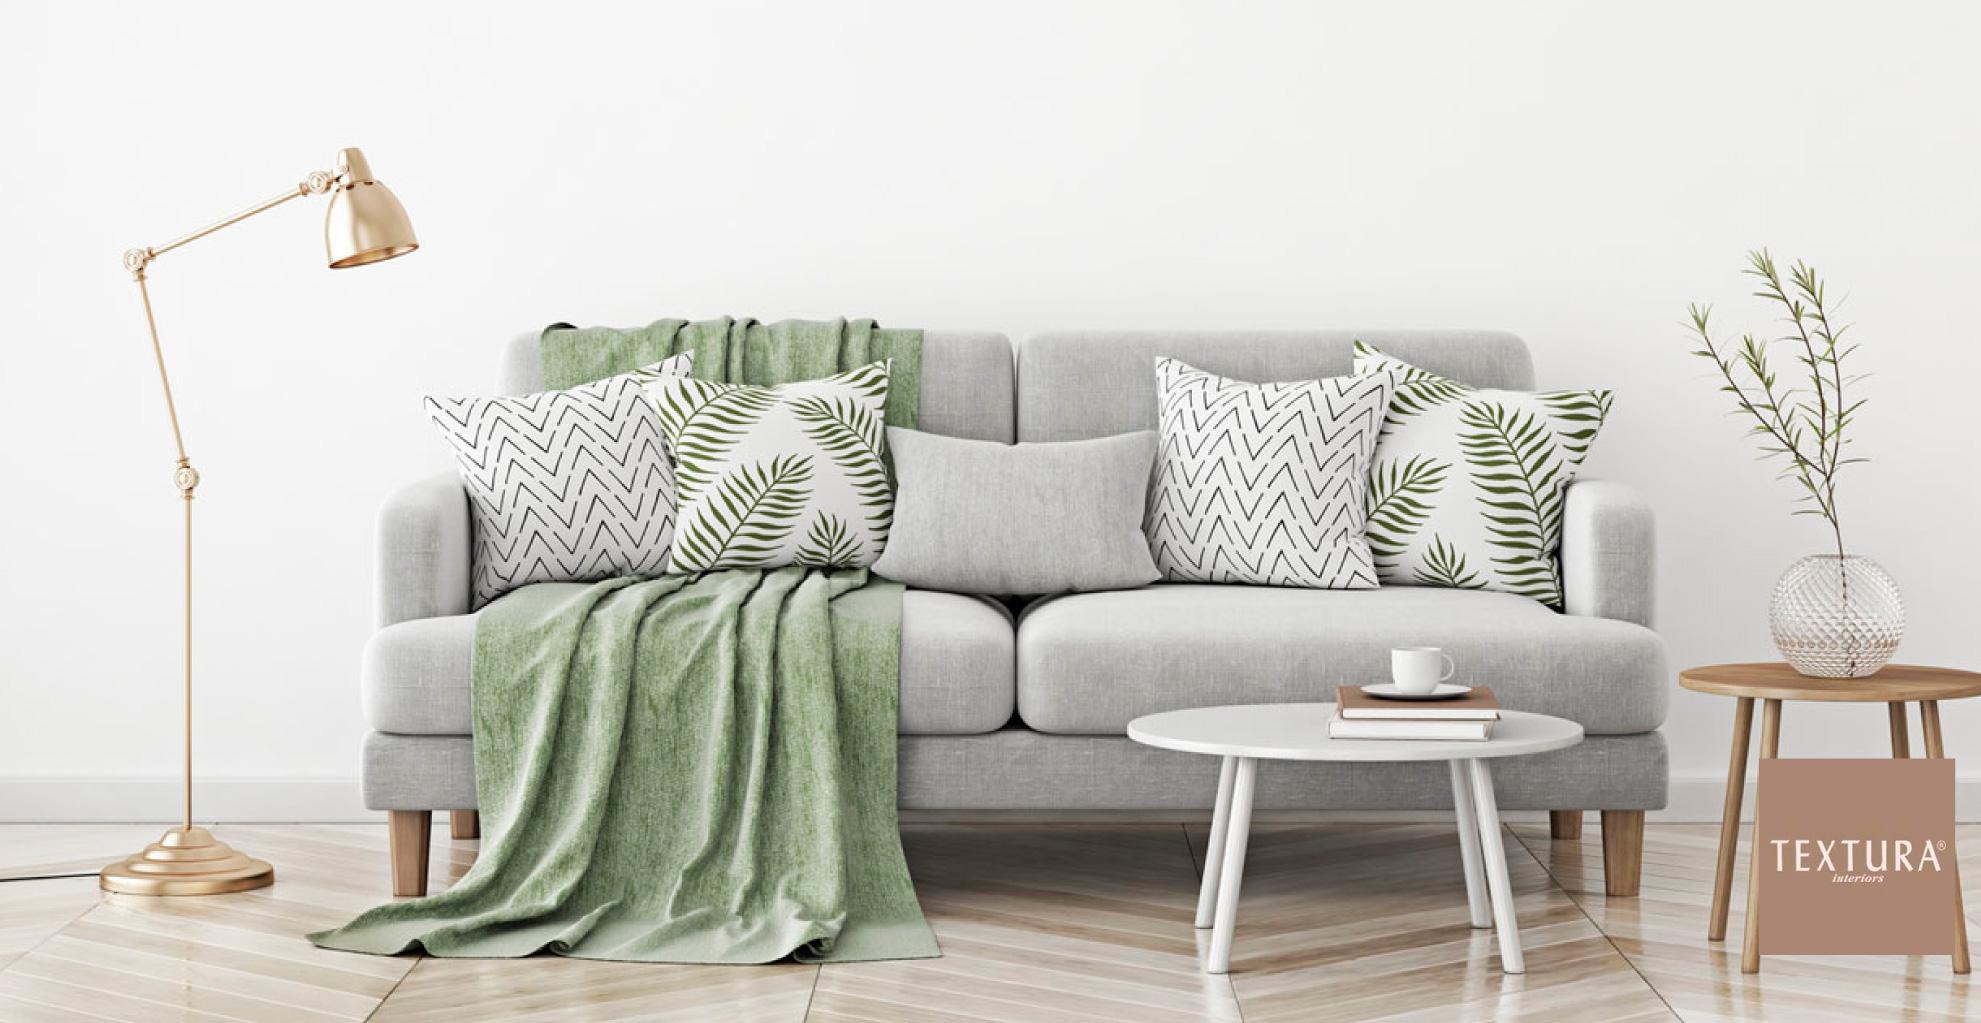 Textura Interiors y CástorRetail juntos en sus más de 90 tiendas